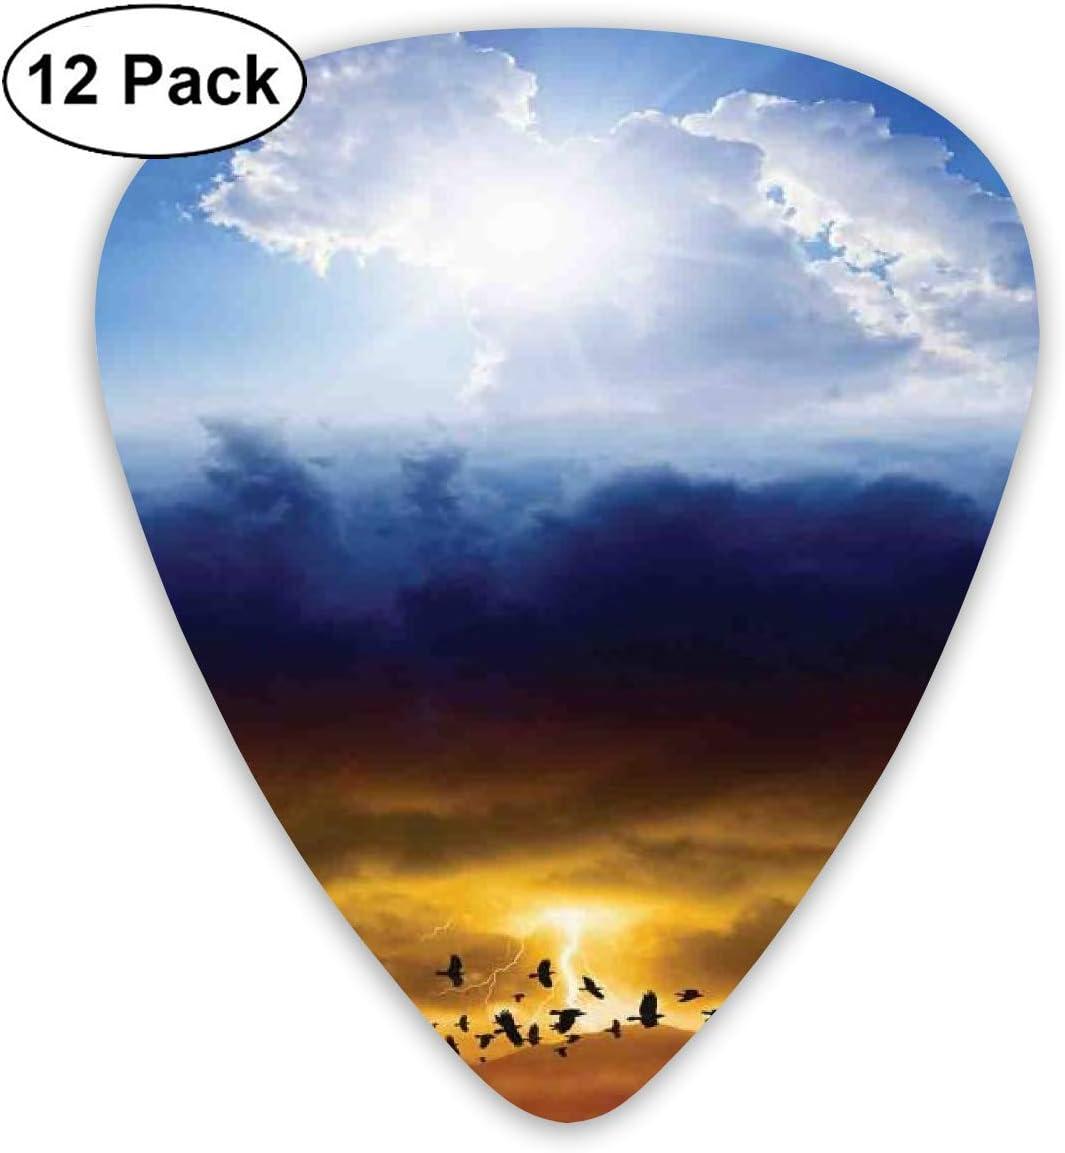 Púas de guitarra Sol y cielo tormentoso oscuro con Trueno Cielo e infierno Arte bueno y malo, para guitarras eléctricas acústicas bajas-12 Pack